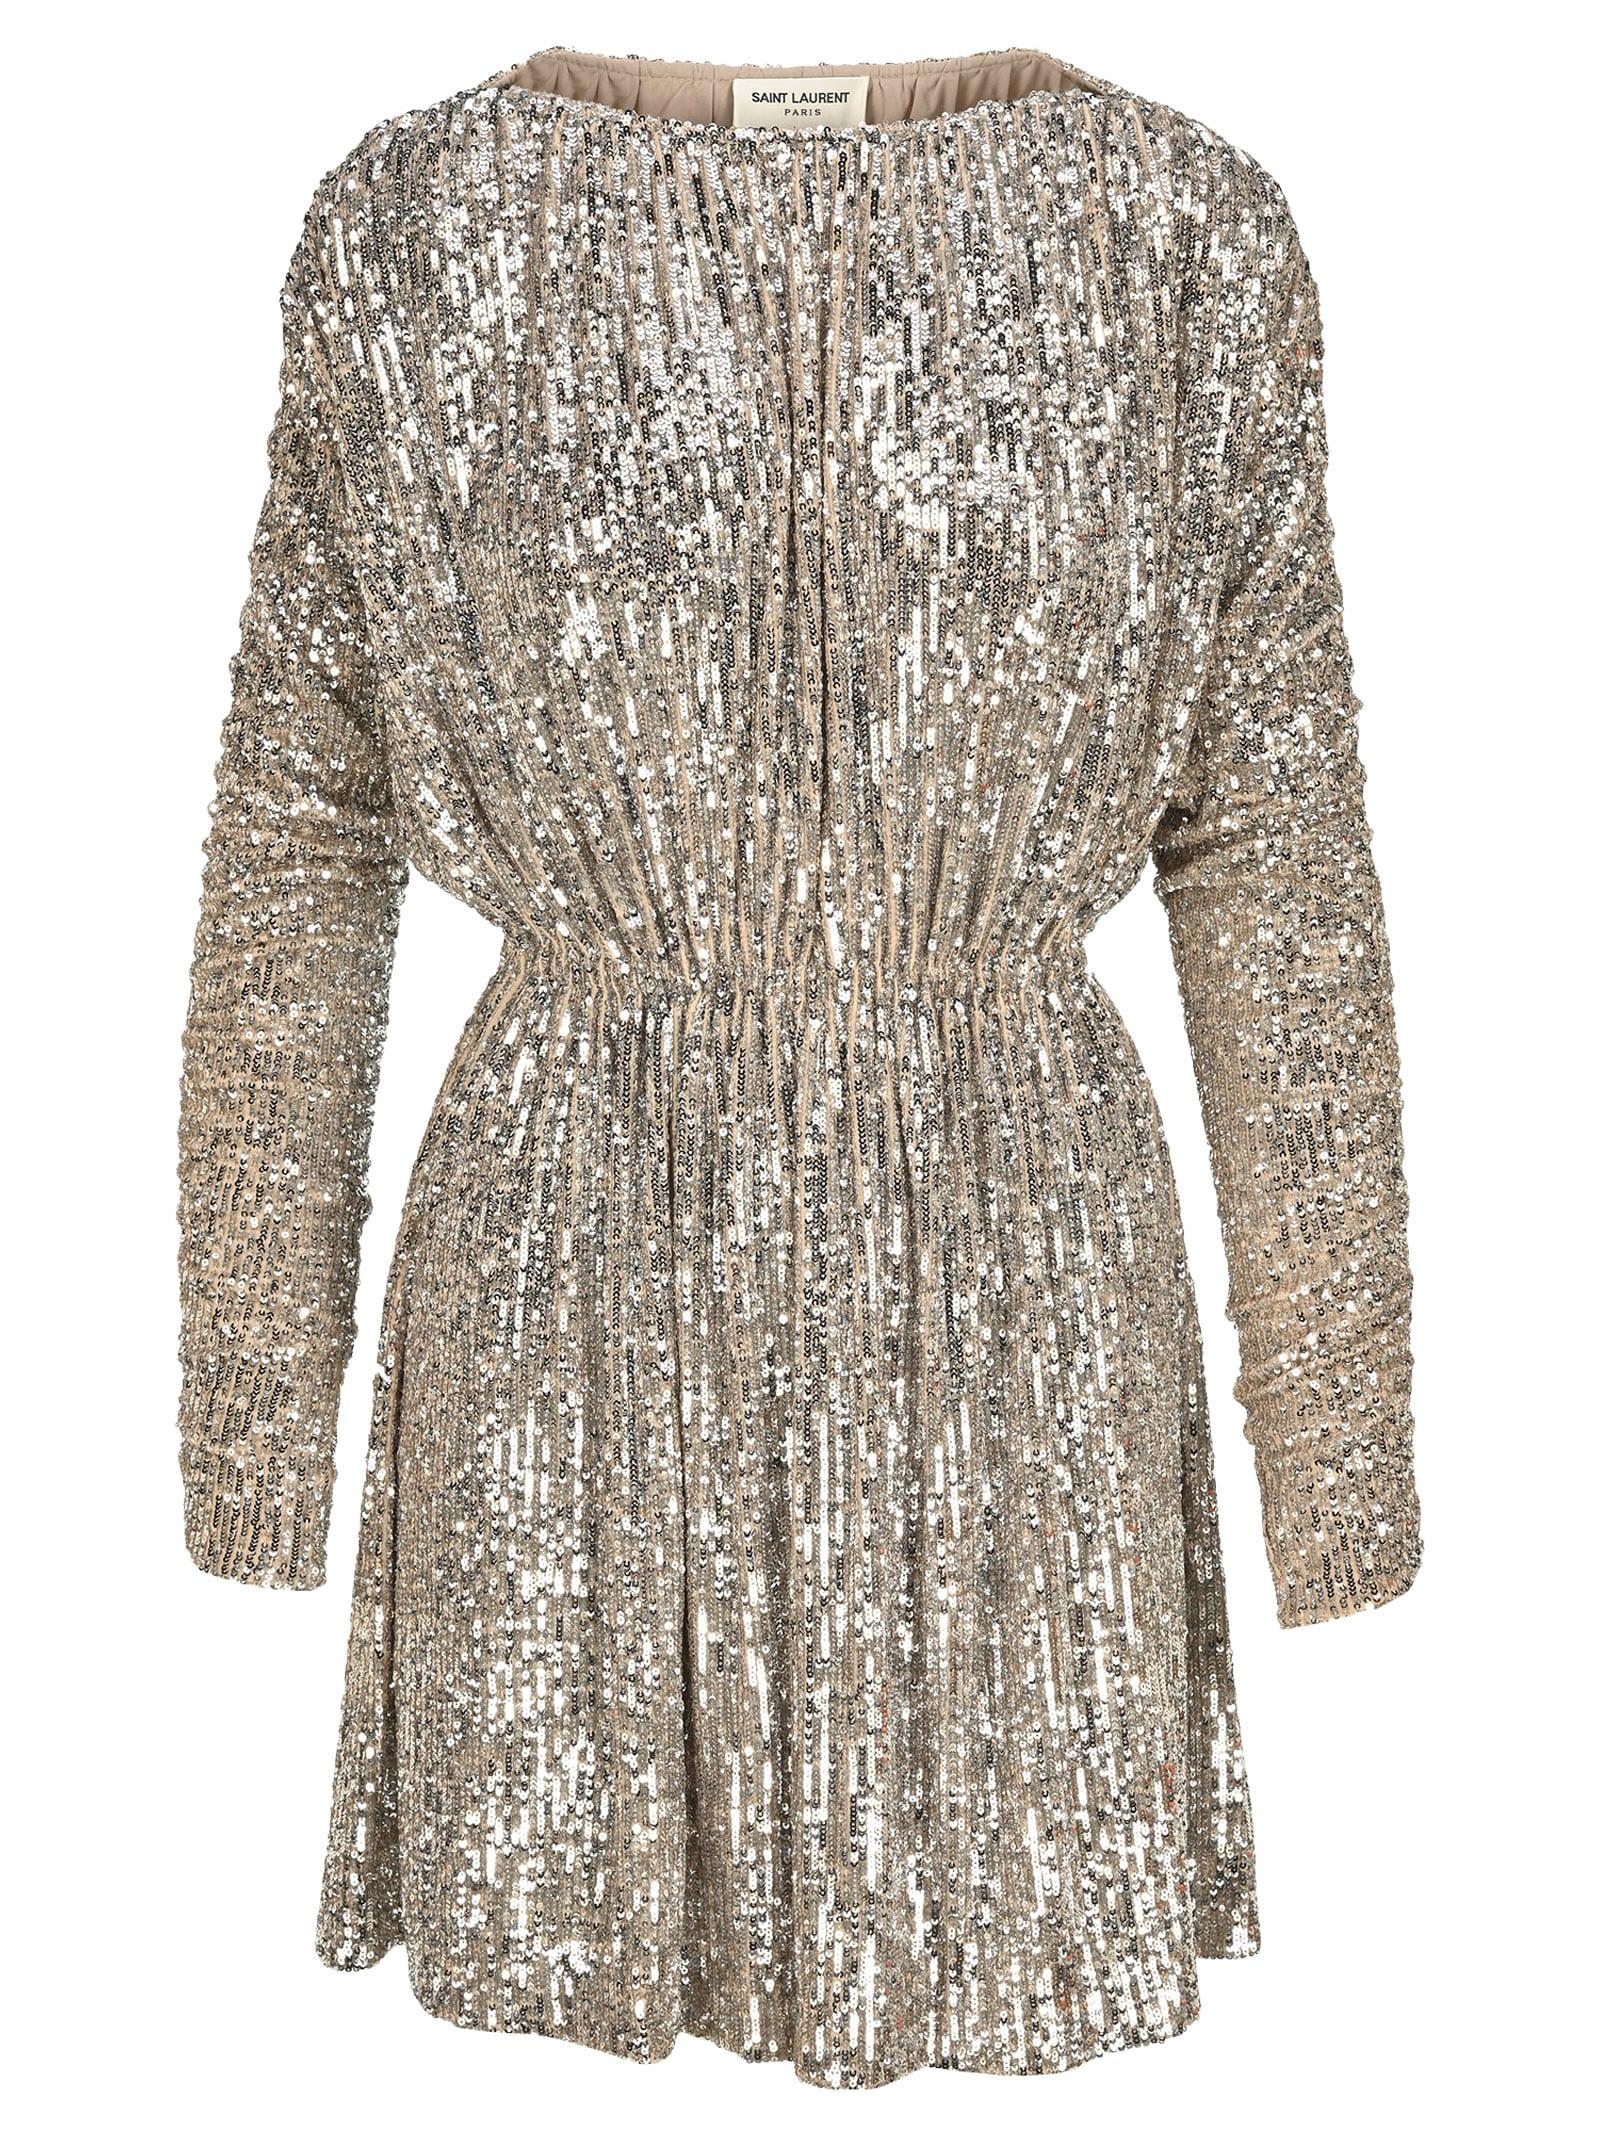 Saint Laurent Sequin Dress